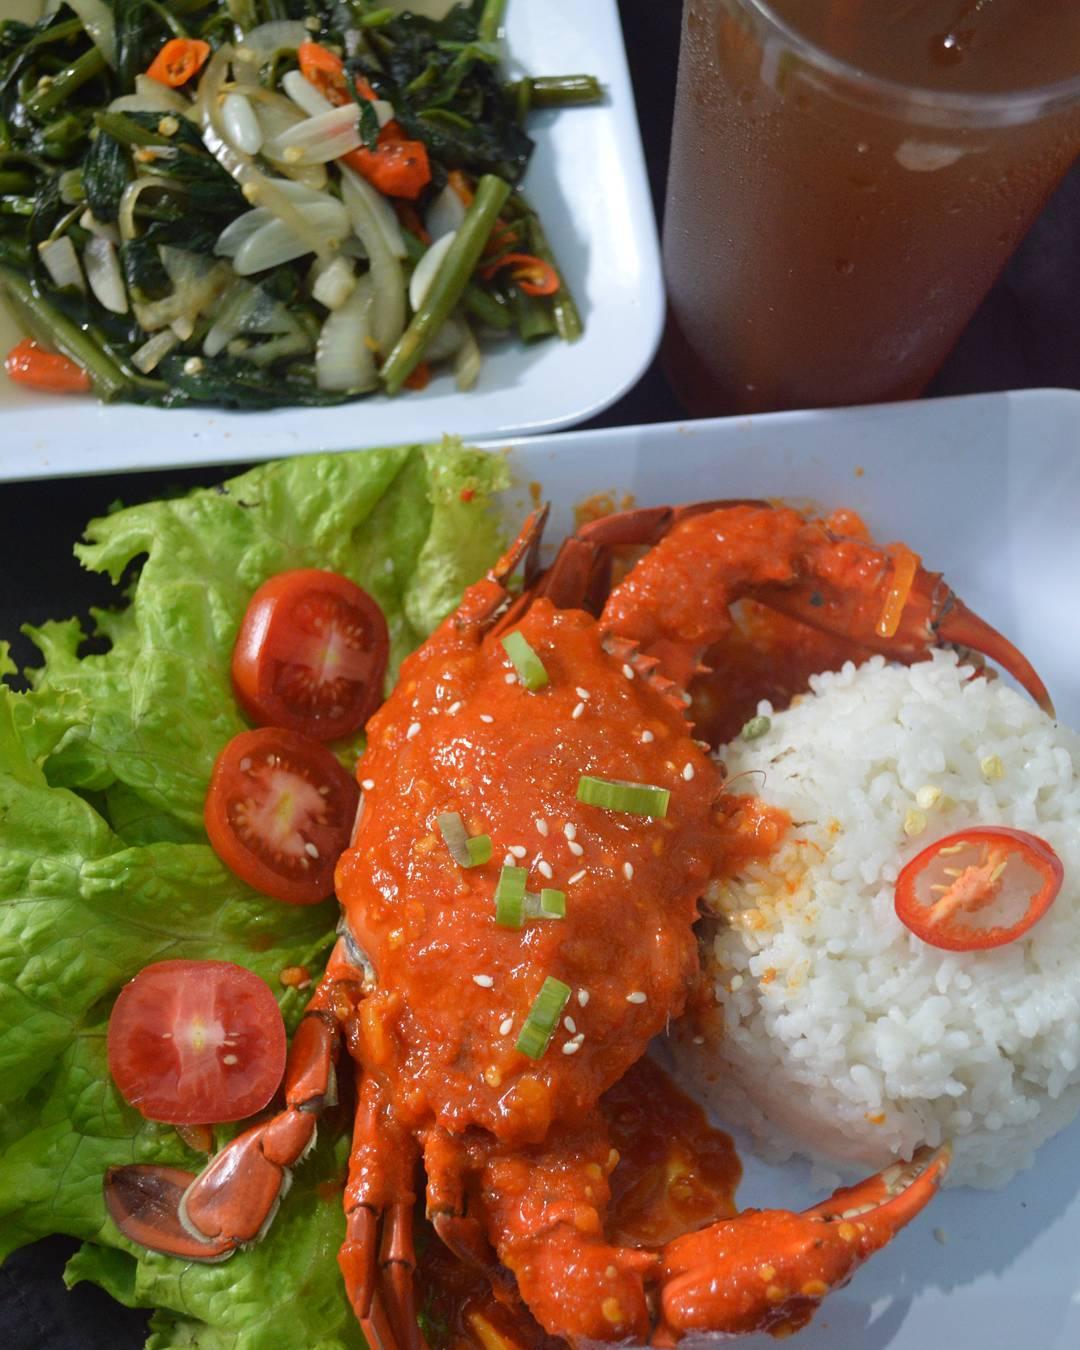 Pokupoku Seafood, Pokupoku Seafood Malang, Kota Malang, Dolan Dolen, Dolaners Pokupoku Seafood via pokupokuseafood - Dolan Dolen